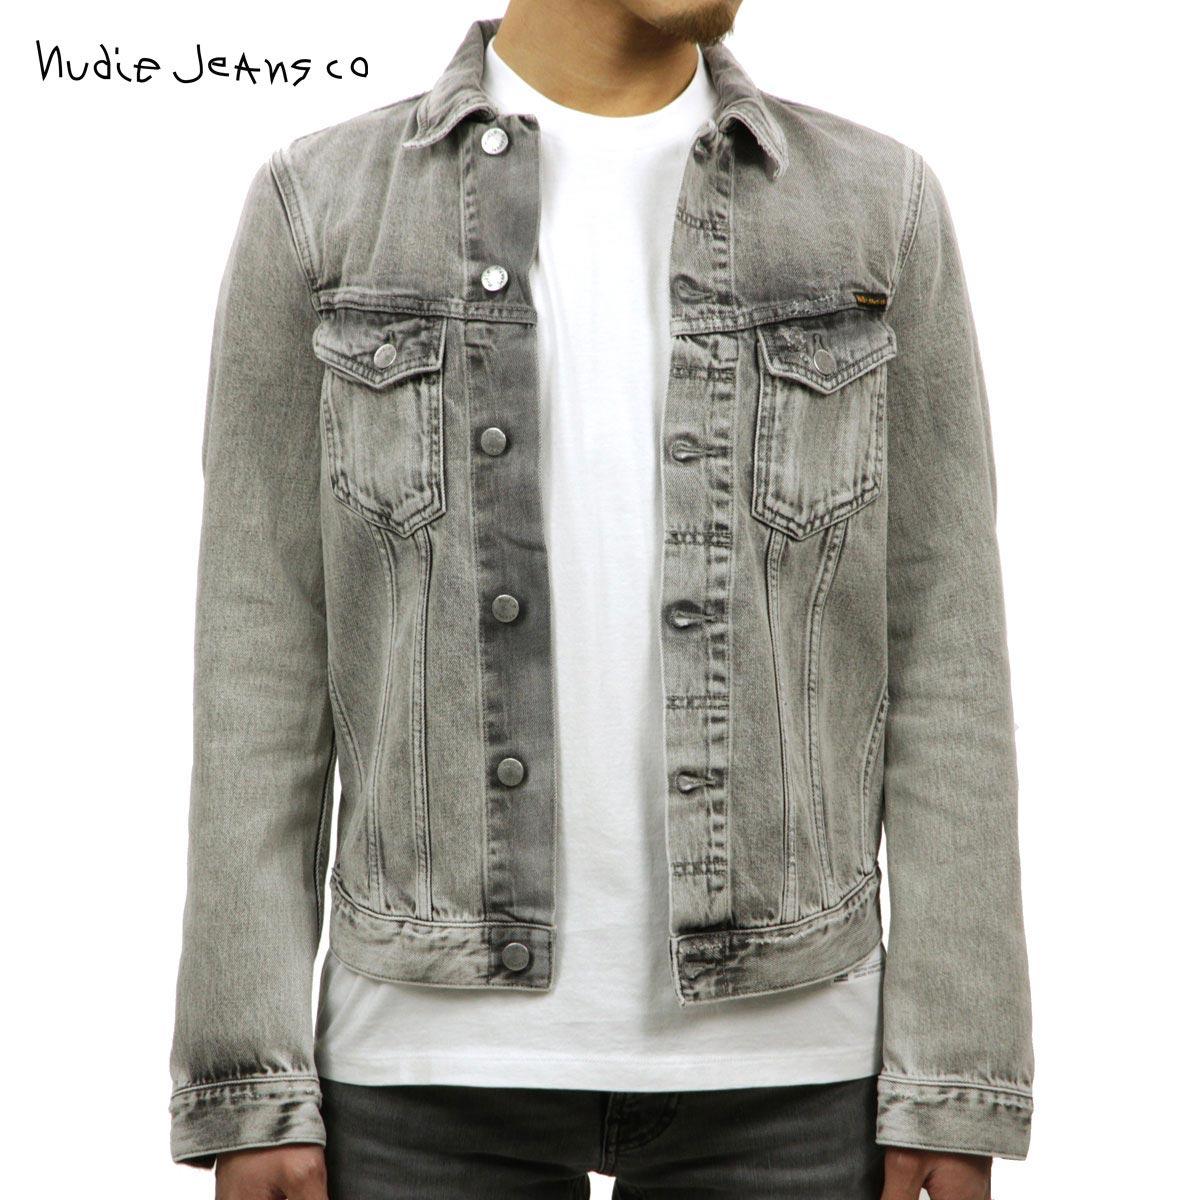 ヌーディージーンズ Nudie Jeans 正規販売店 メンズ アウター デニムジャケット BILLY LIGHT GREY TRASHED DENIM JACKET DENIM B26 160617 5012